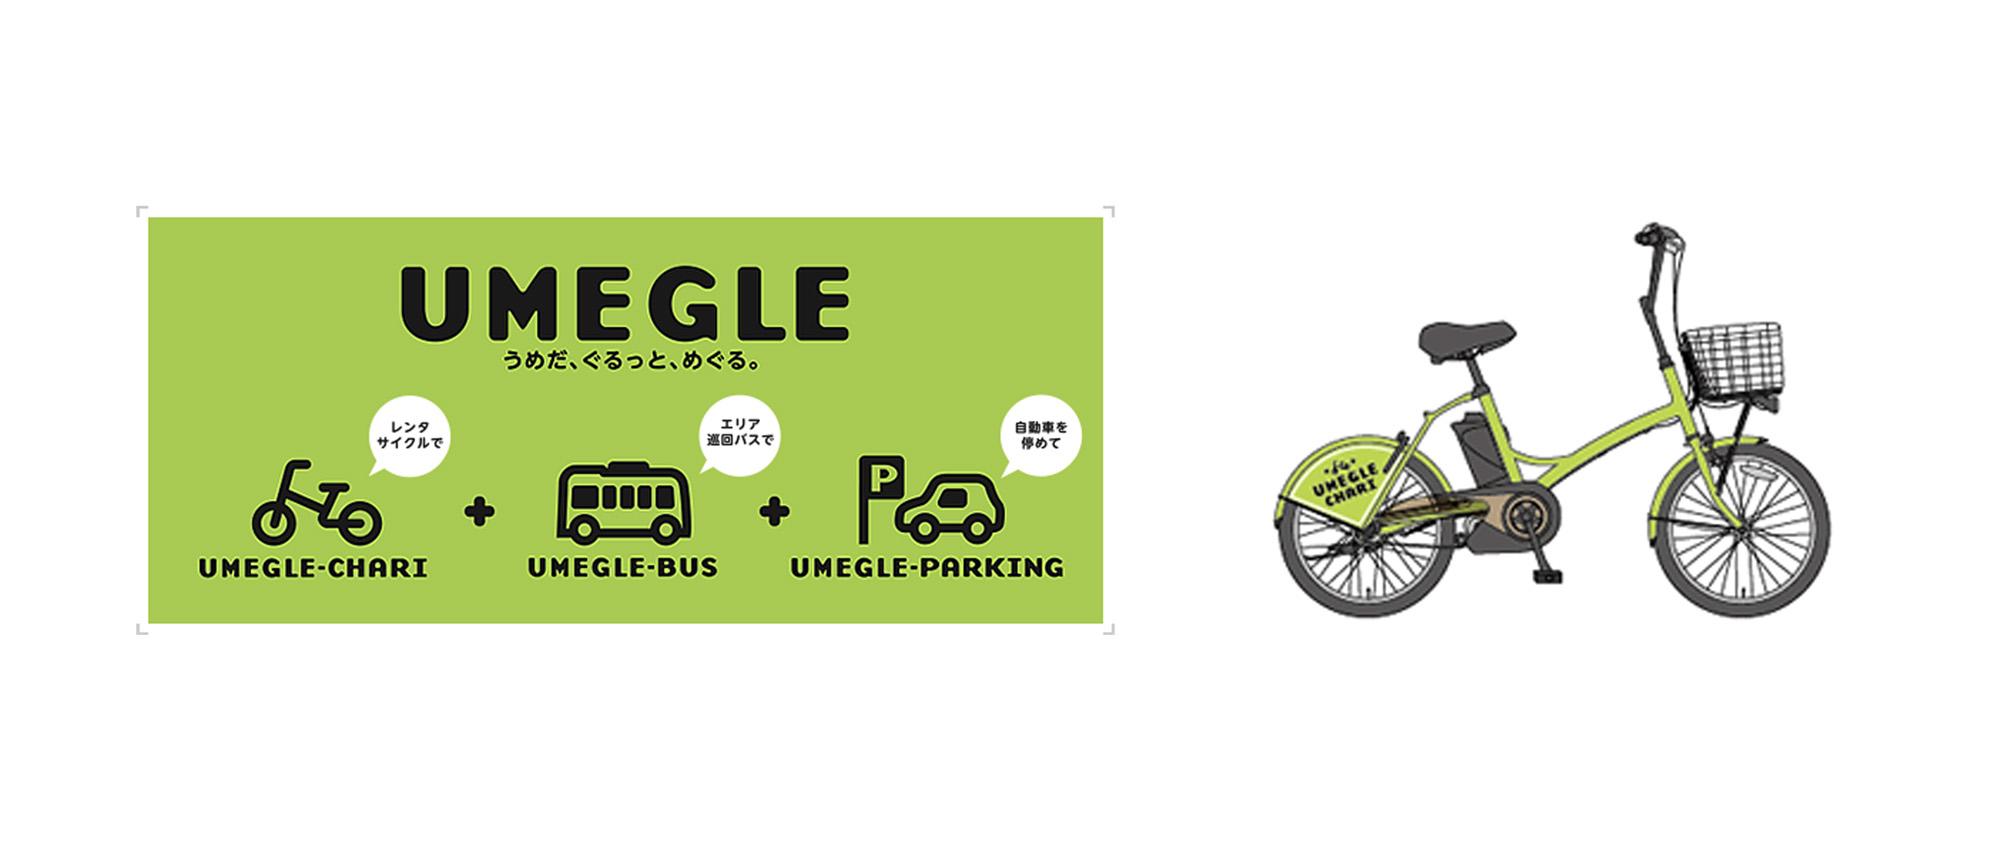 新交通システム「UMEGLE(うめぐる)」